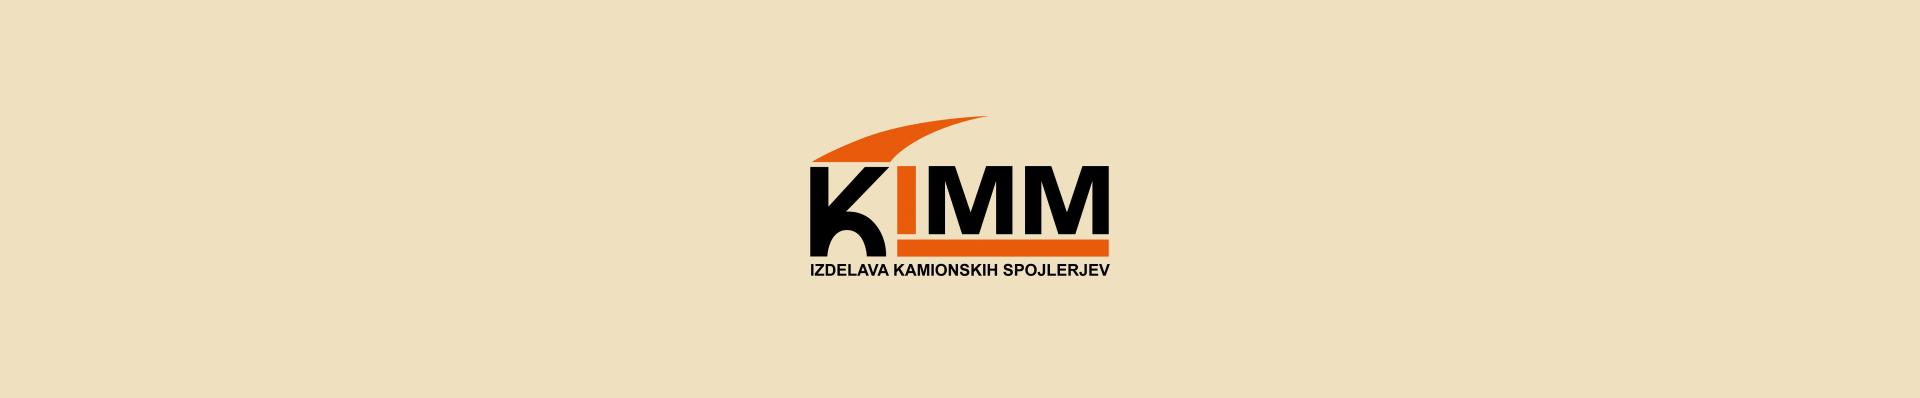 KIMM – izdelava kamionskih spojlerjev 002